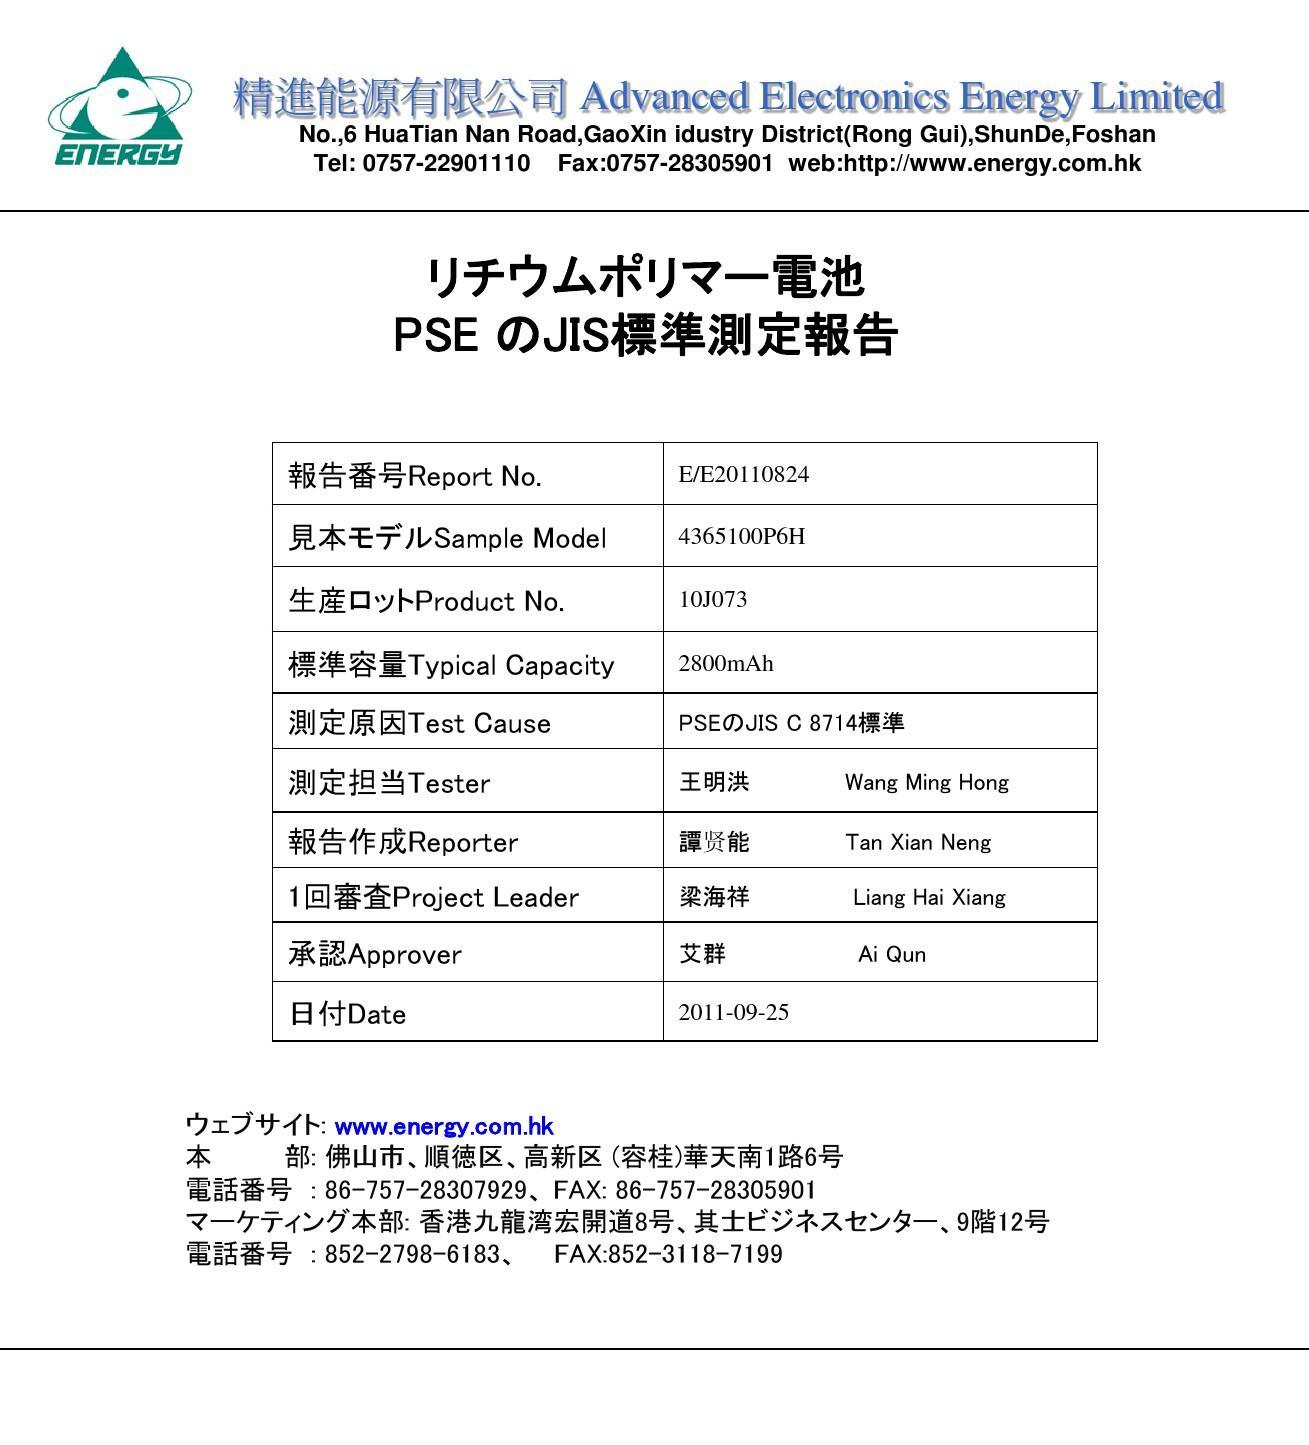 PSE认证 JIS标准测试 锂电池测试标准